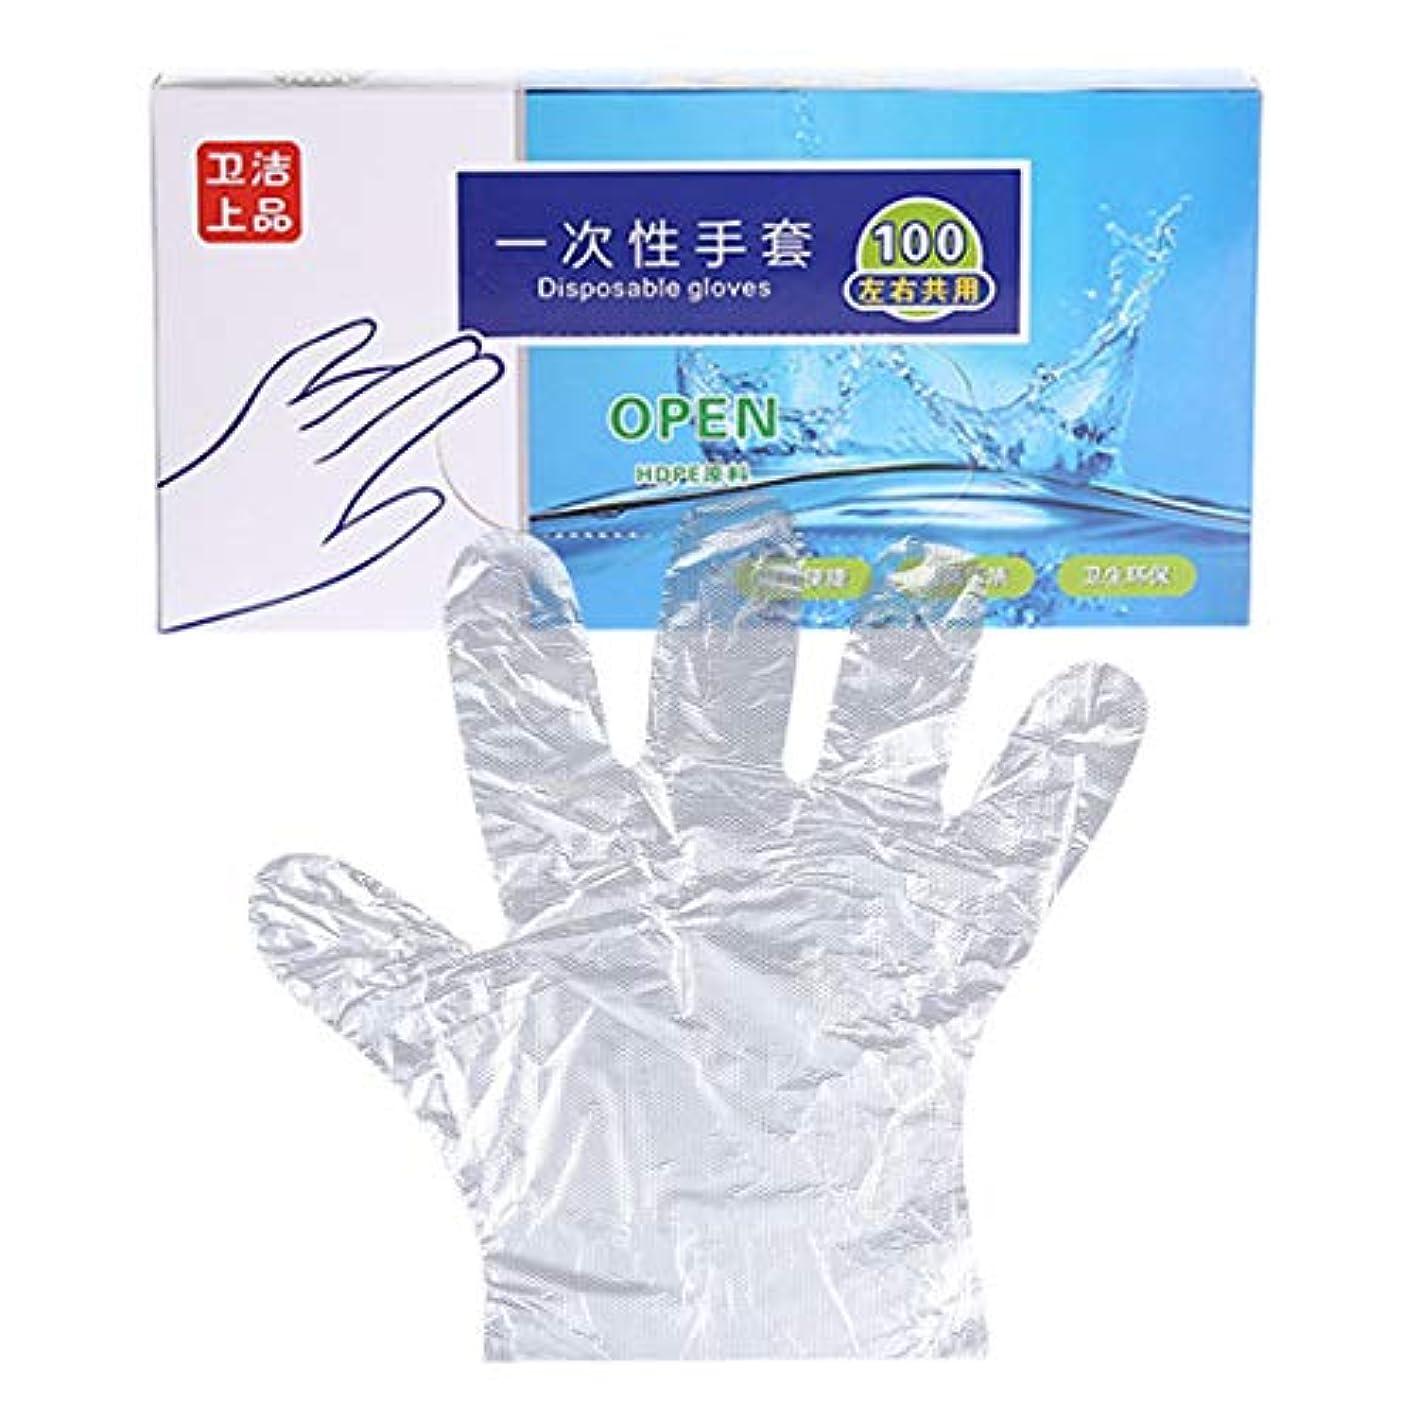 大学線テロリストBemin 使い捨て手袋 100本入 透明 フリーサイズ グローブ ポリエチレン手袋 左右兼用 ポリエチレン PE 実用 衛生 調理 清掃 染髪